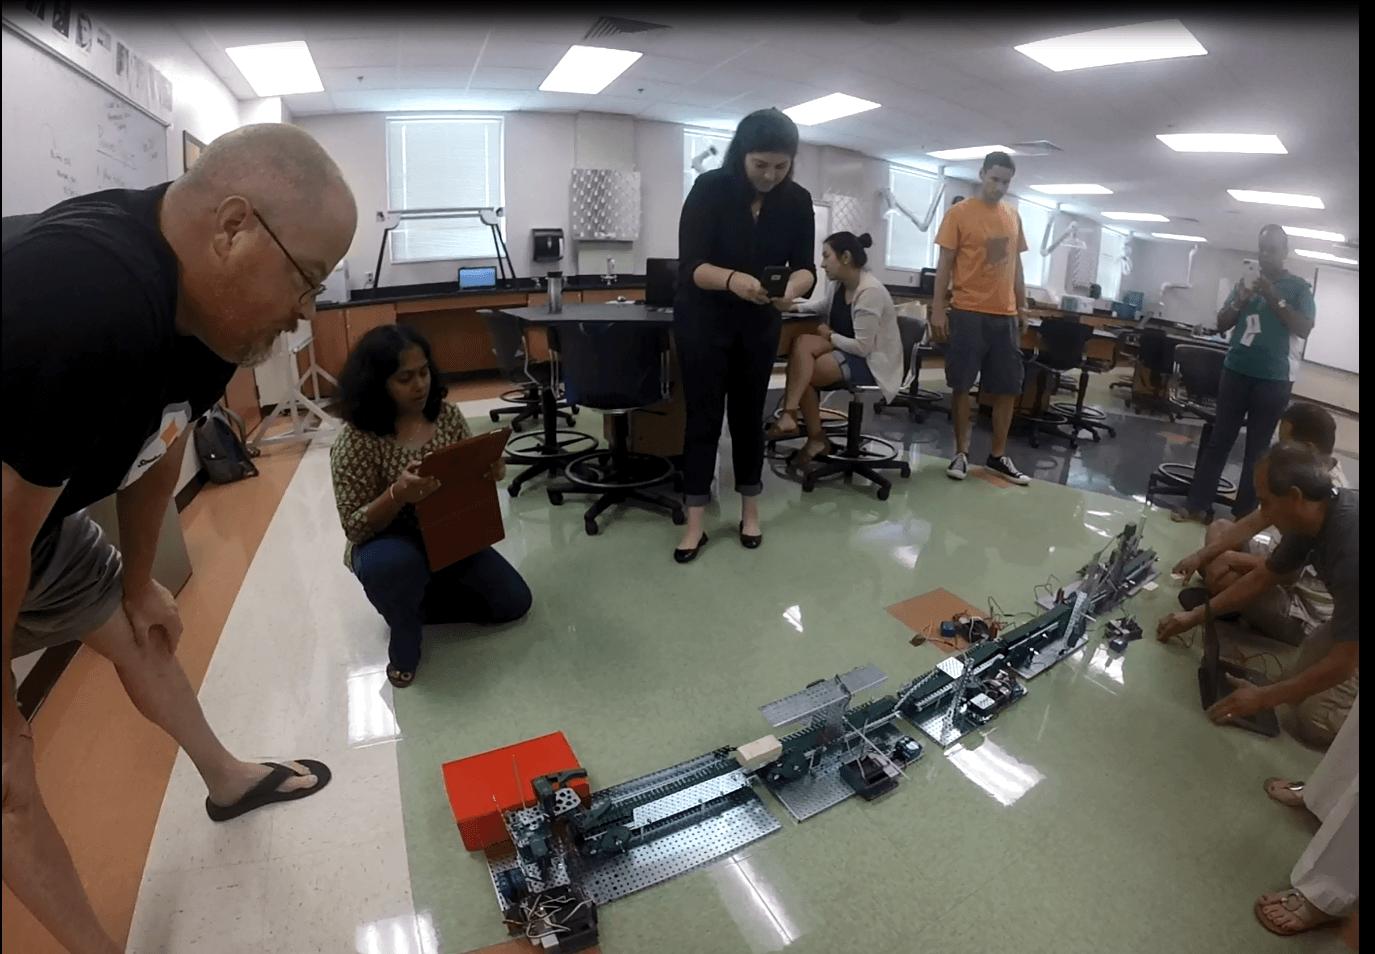 FGCU hosts STEM workshop